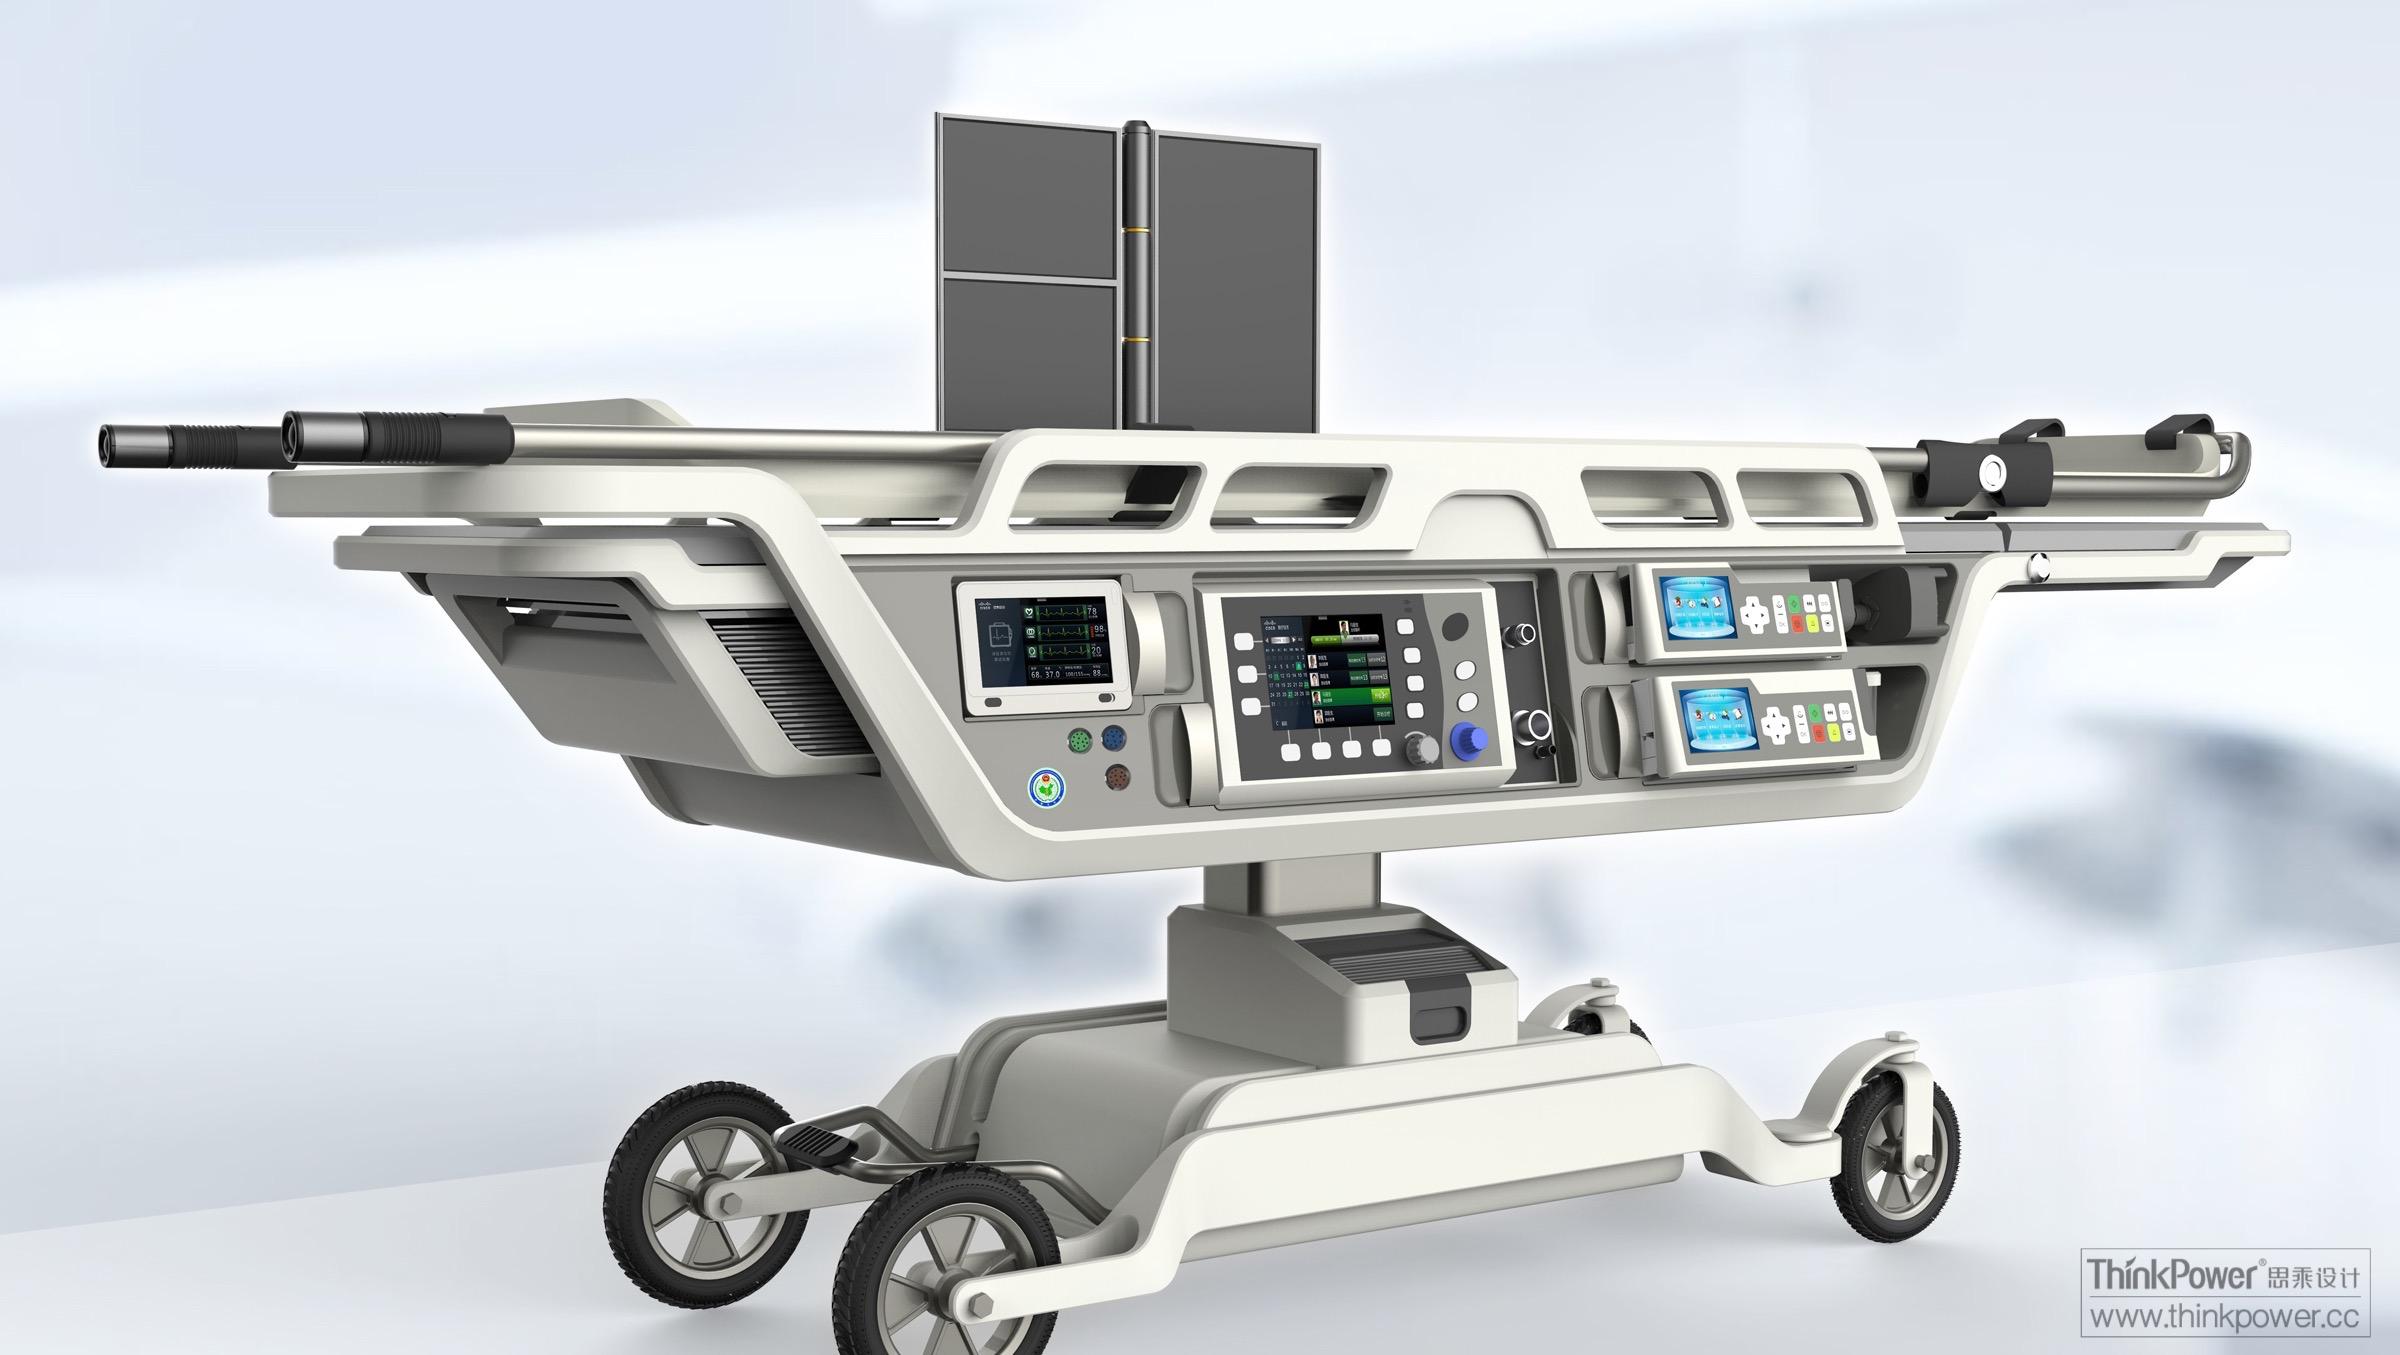 直升机应急救援 - 医疗健康 - 北京思乘创新工业设计